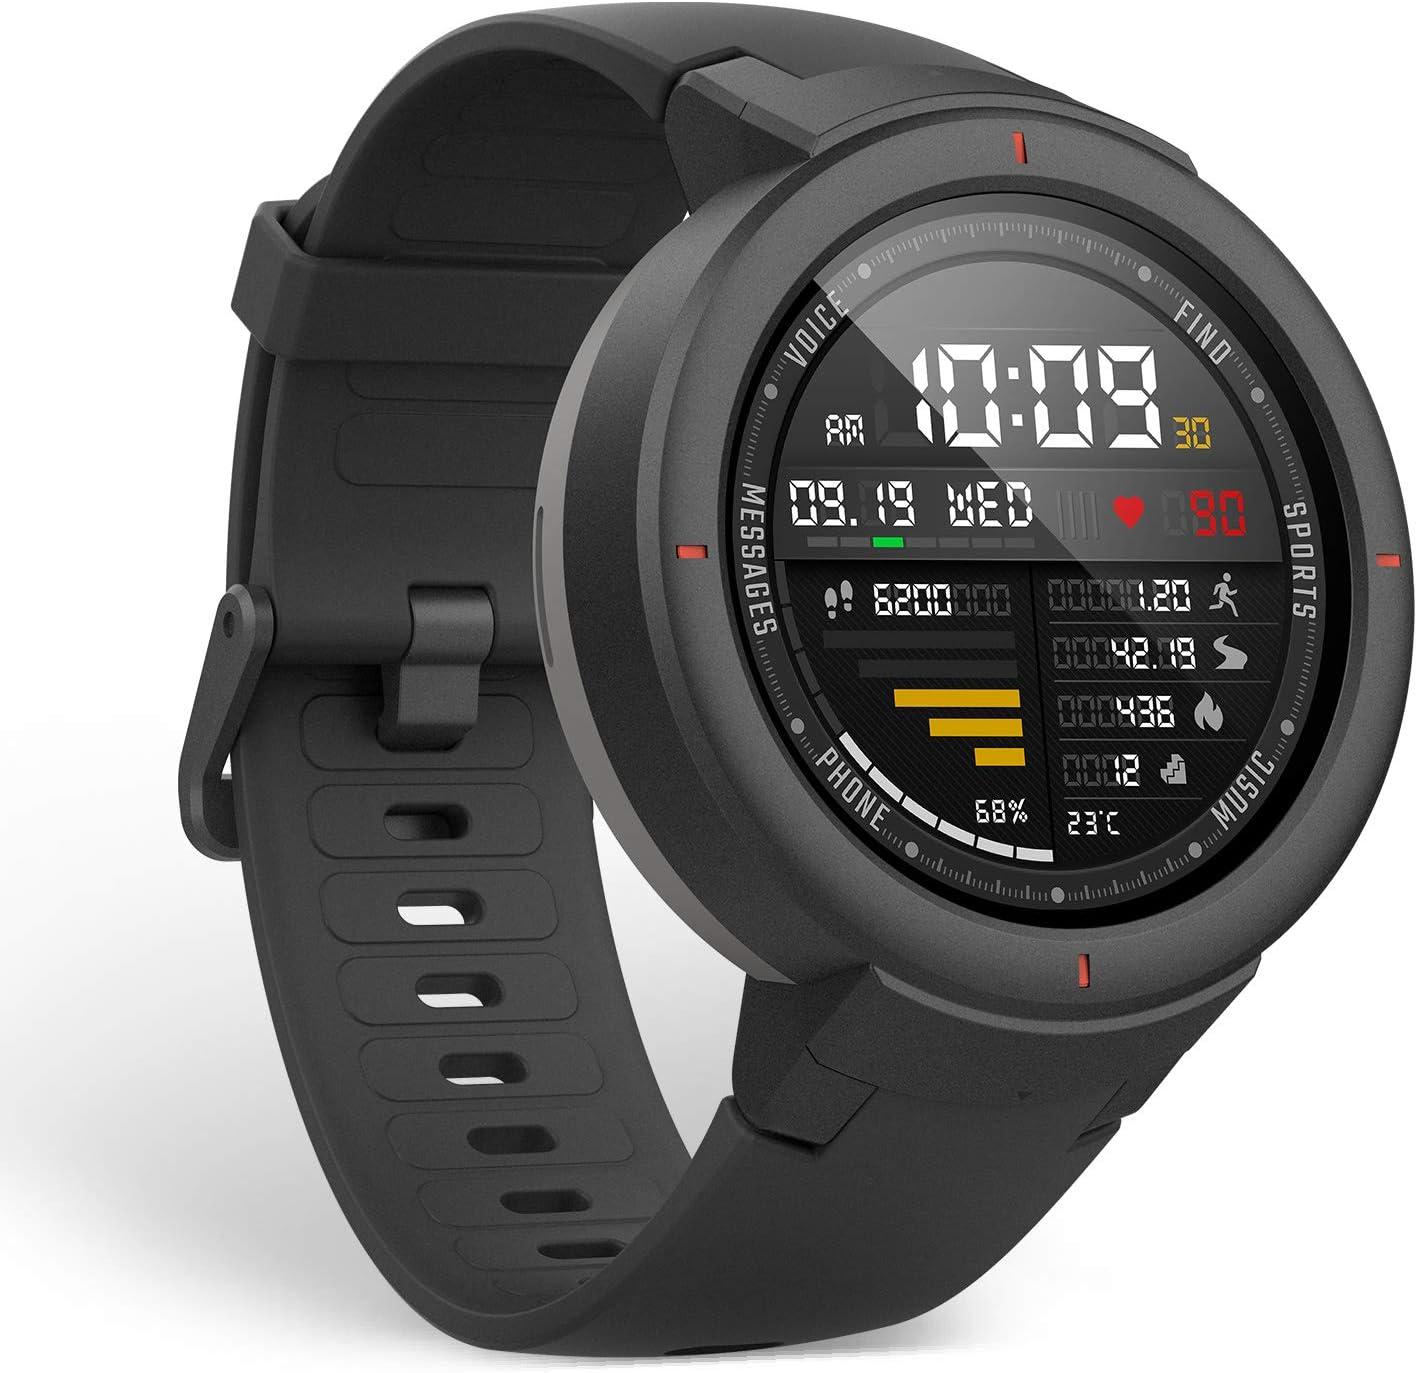 Best Interval Training Watch